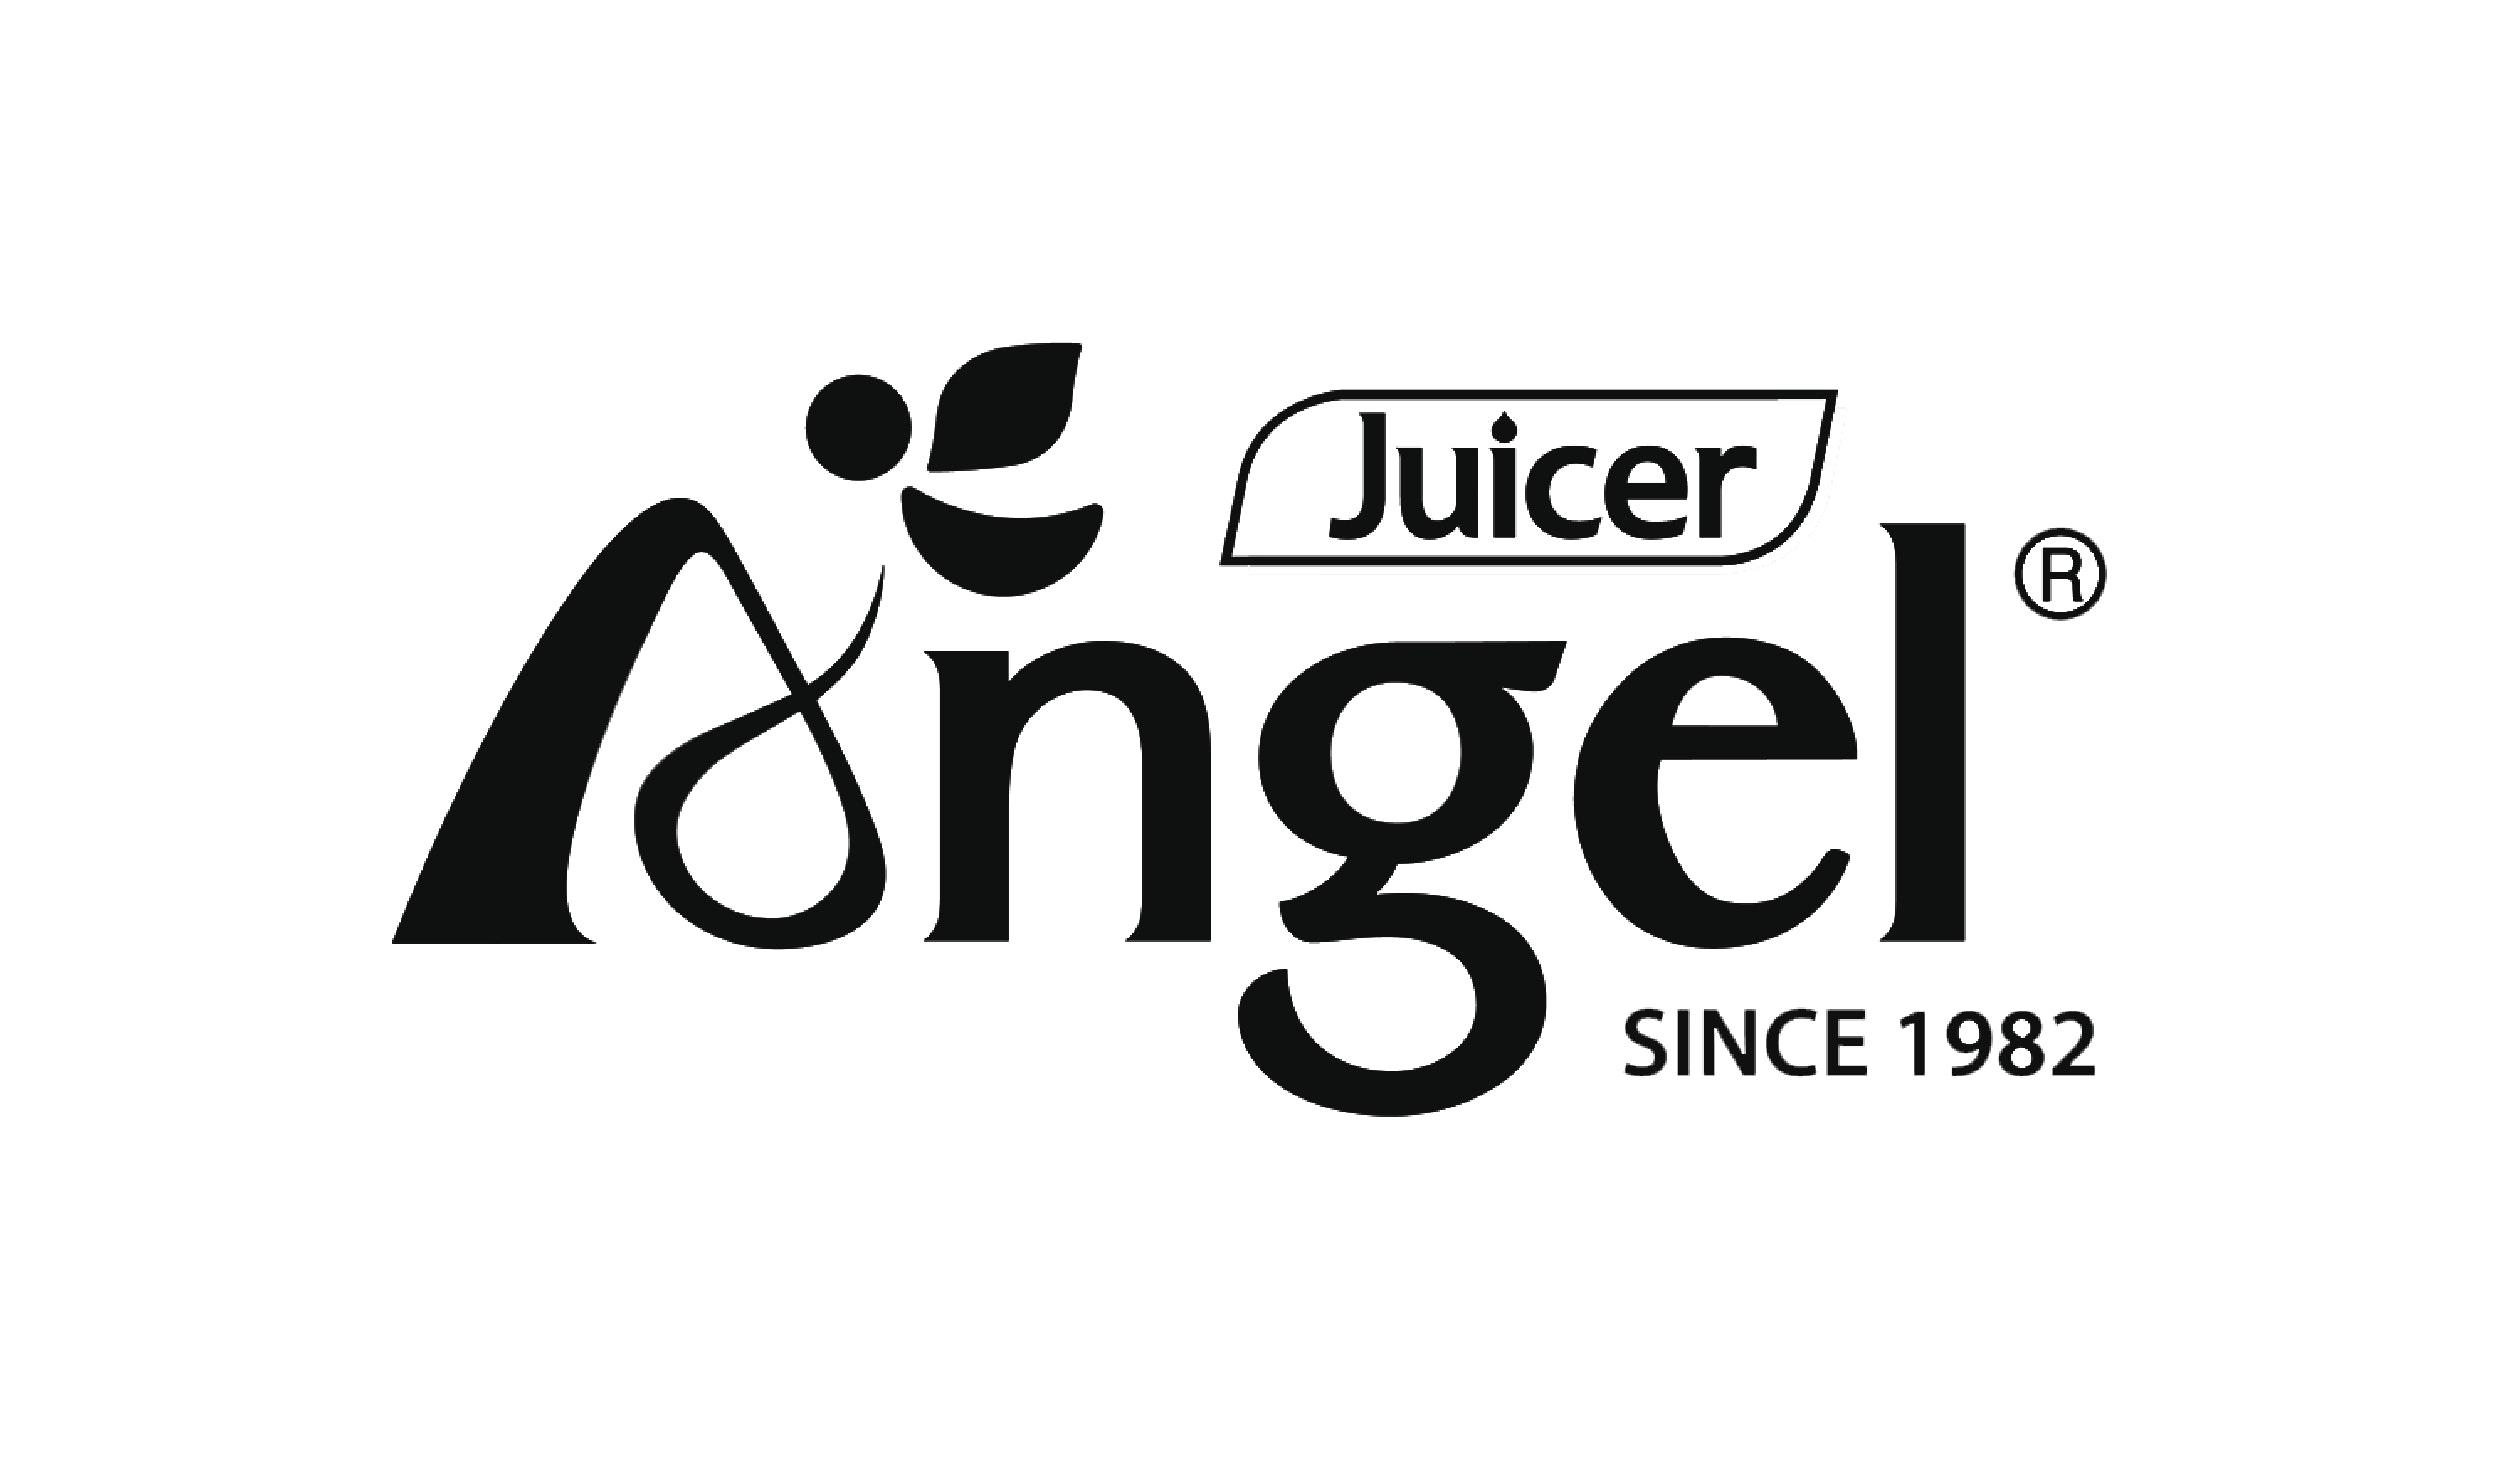 Angel Juicers